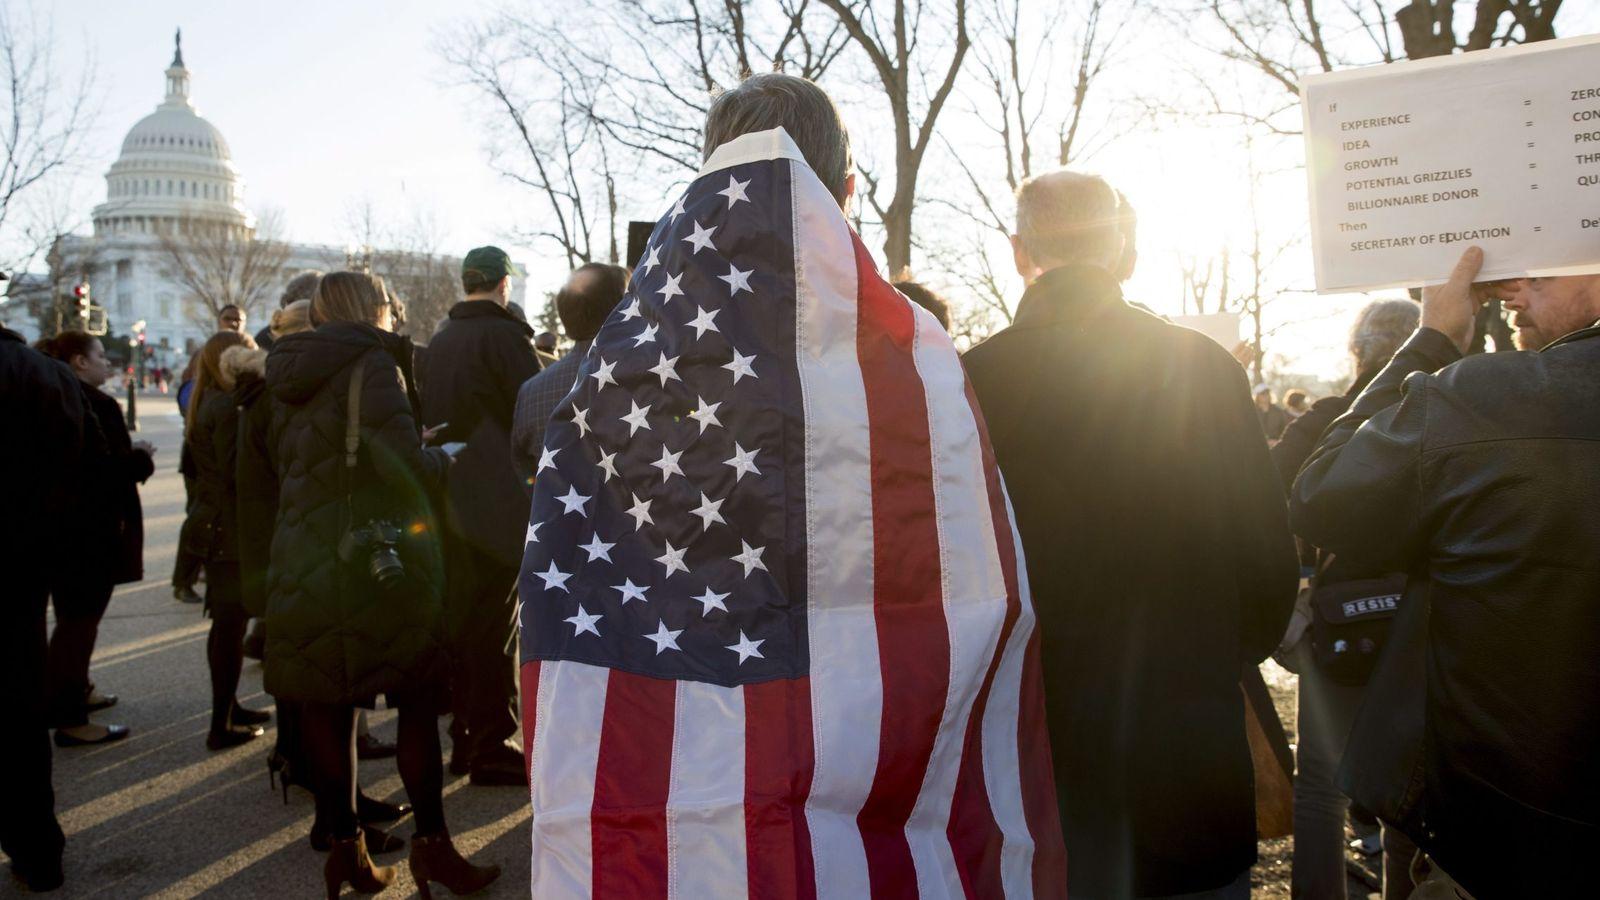 Foto: Protesta contra la nominada por el presidente de EEUU para secretaria de Educación, Betsy DeVos, en frente del Capitolio en Washington. (EFE)